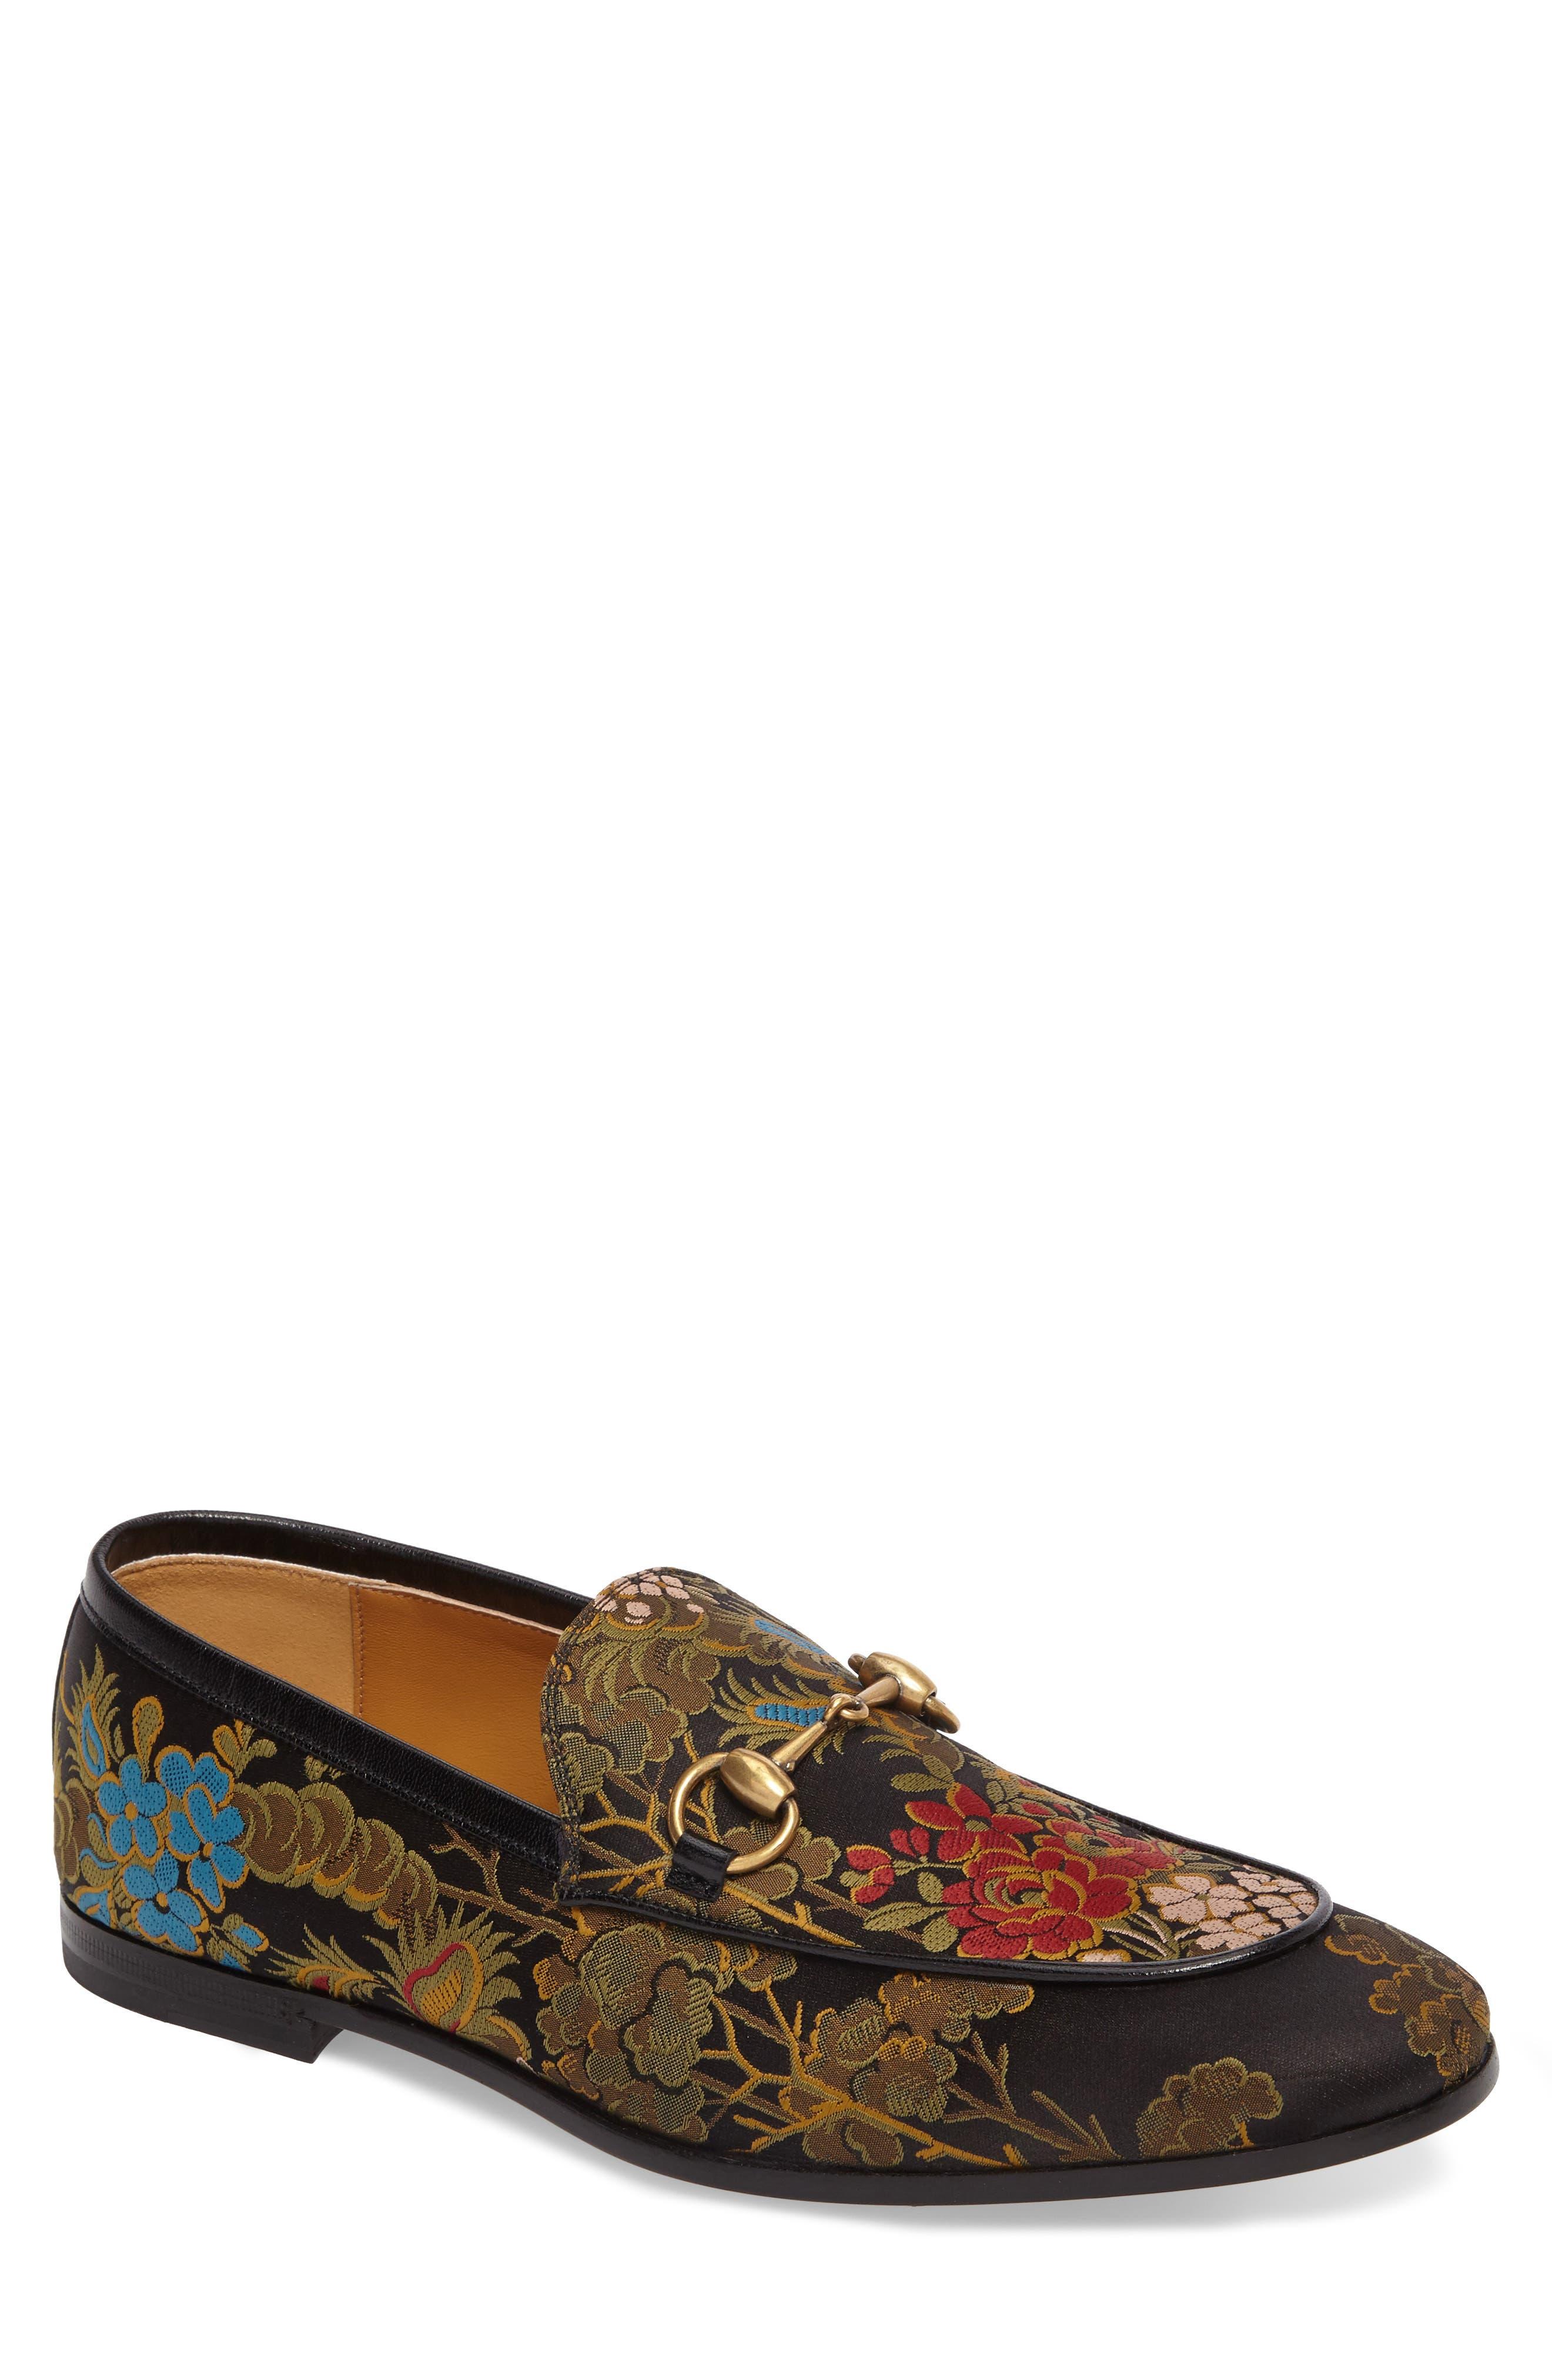 Jordaan Jacquard Loafer,                         Main,                         color, BLACK